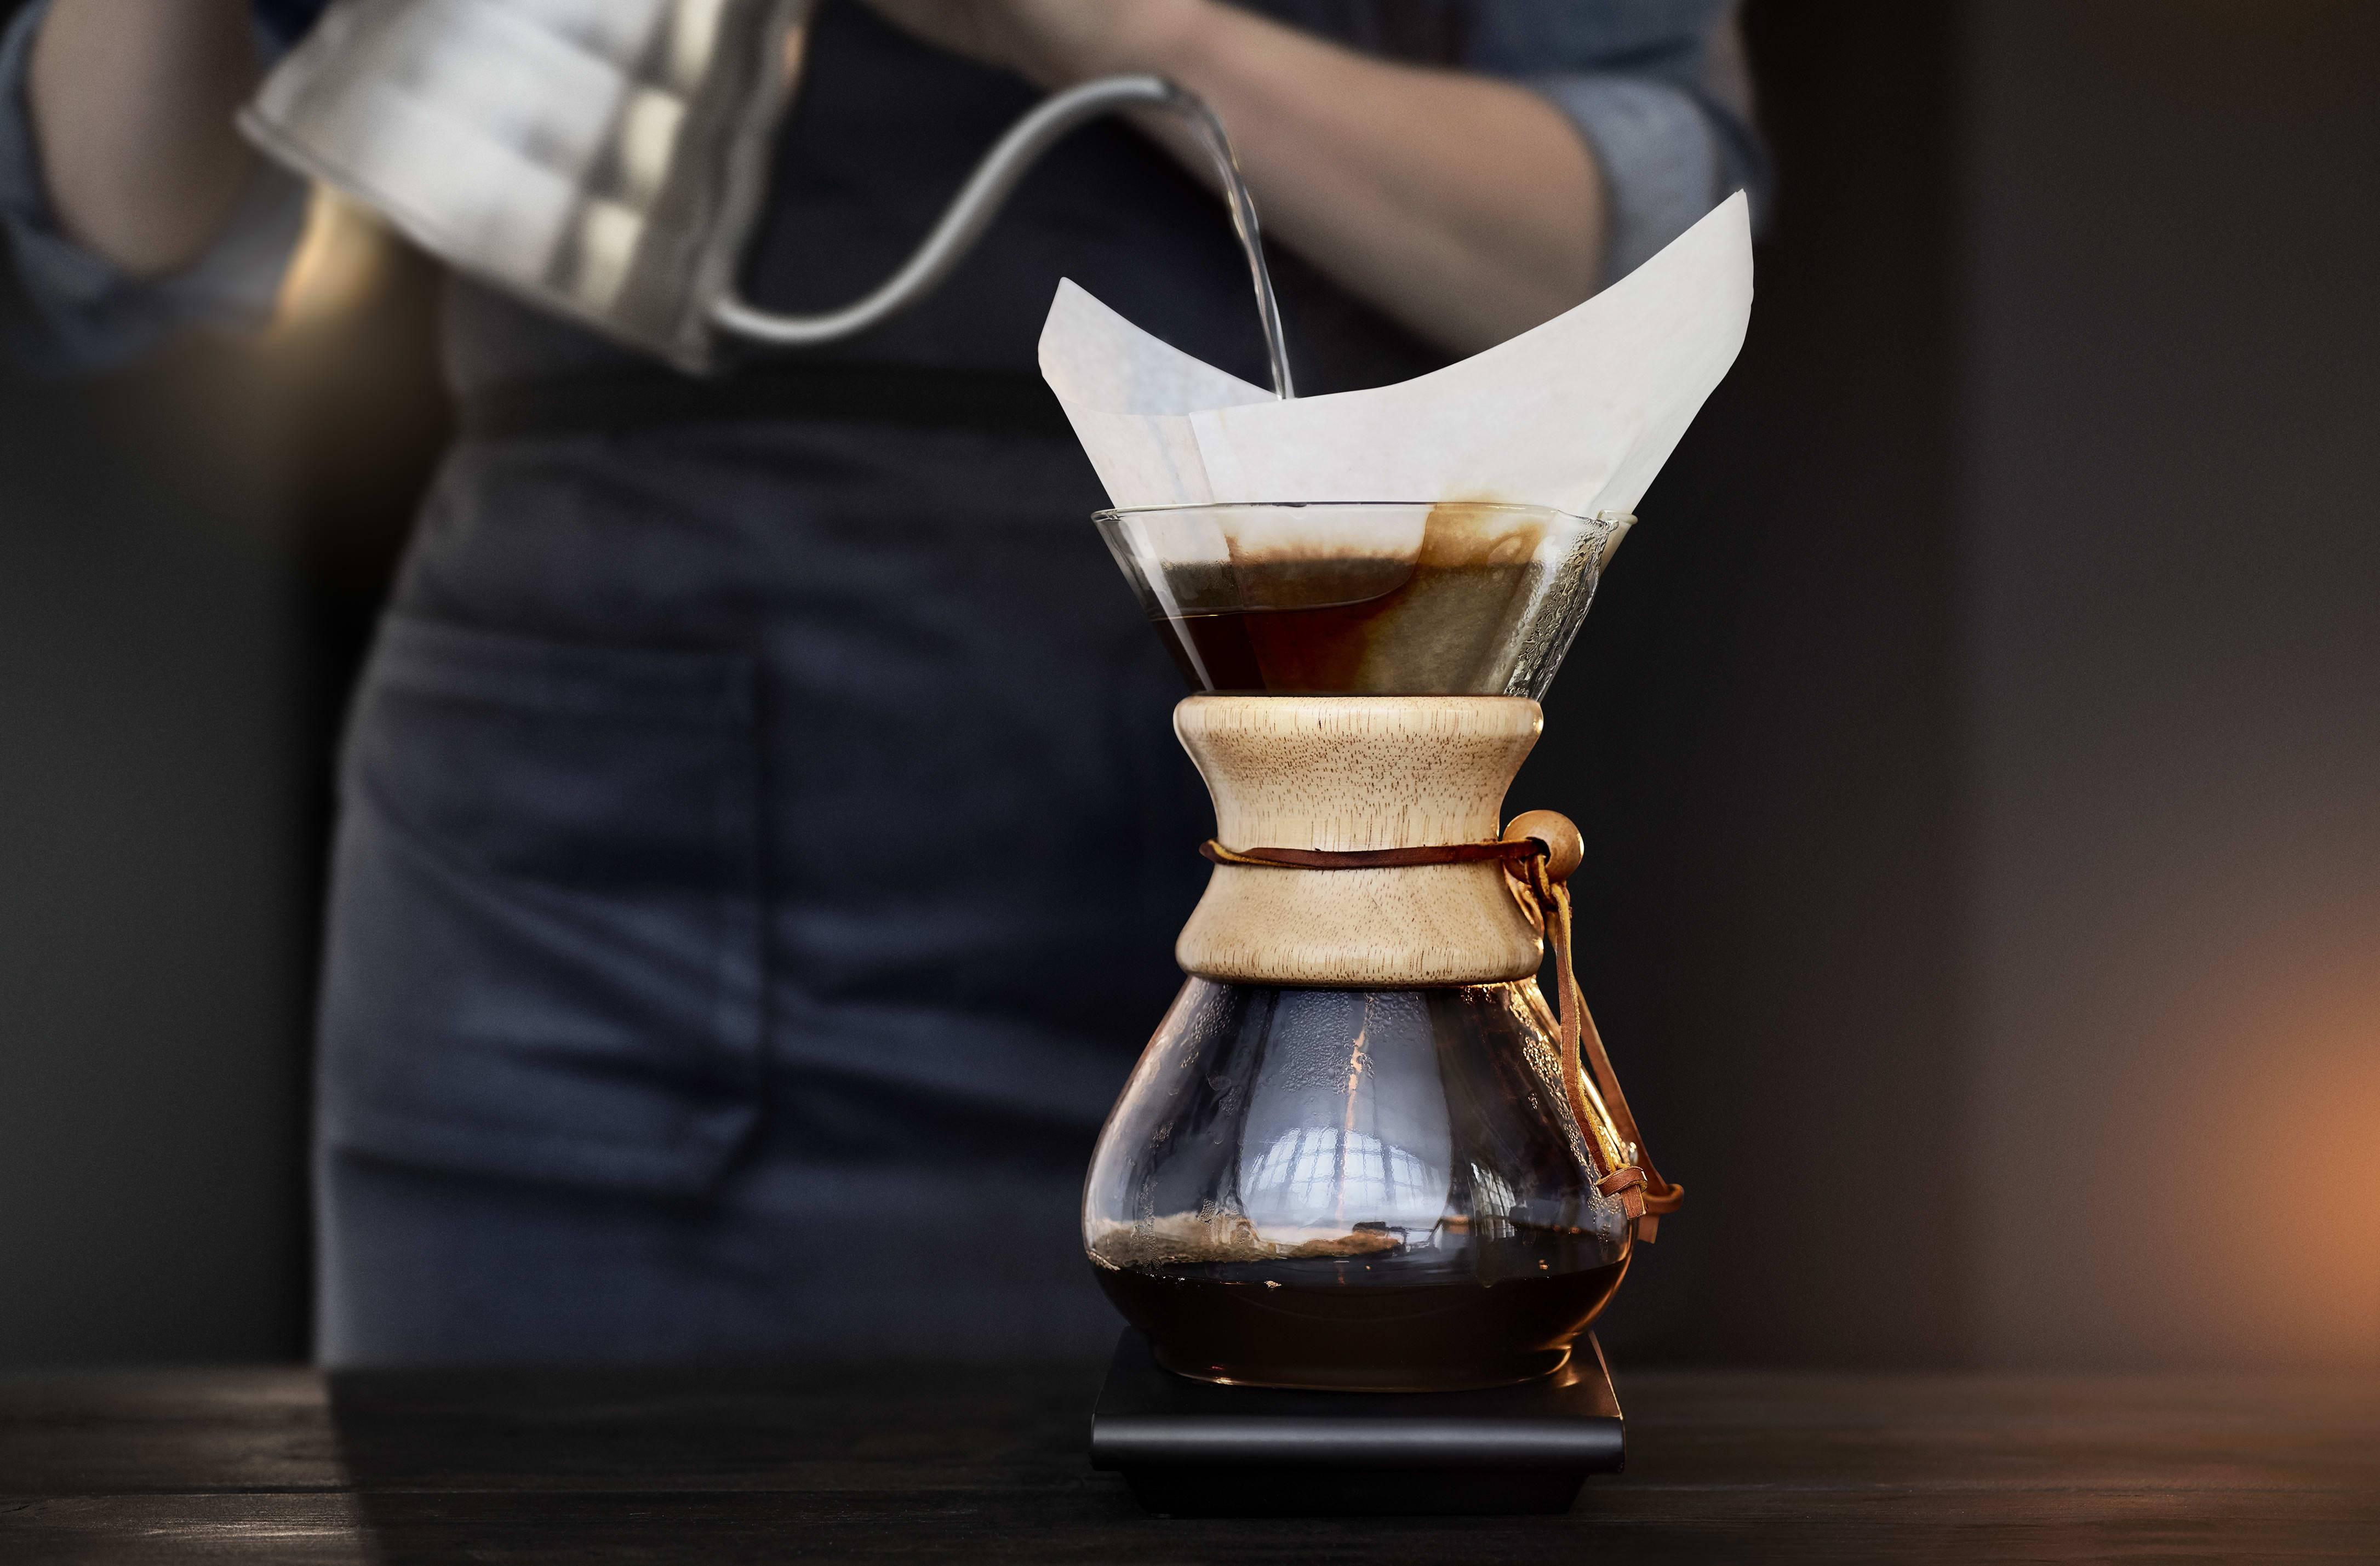 Кемекс для заваривания кофе